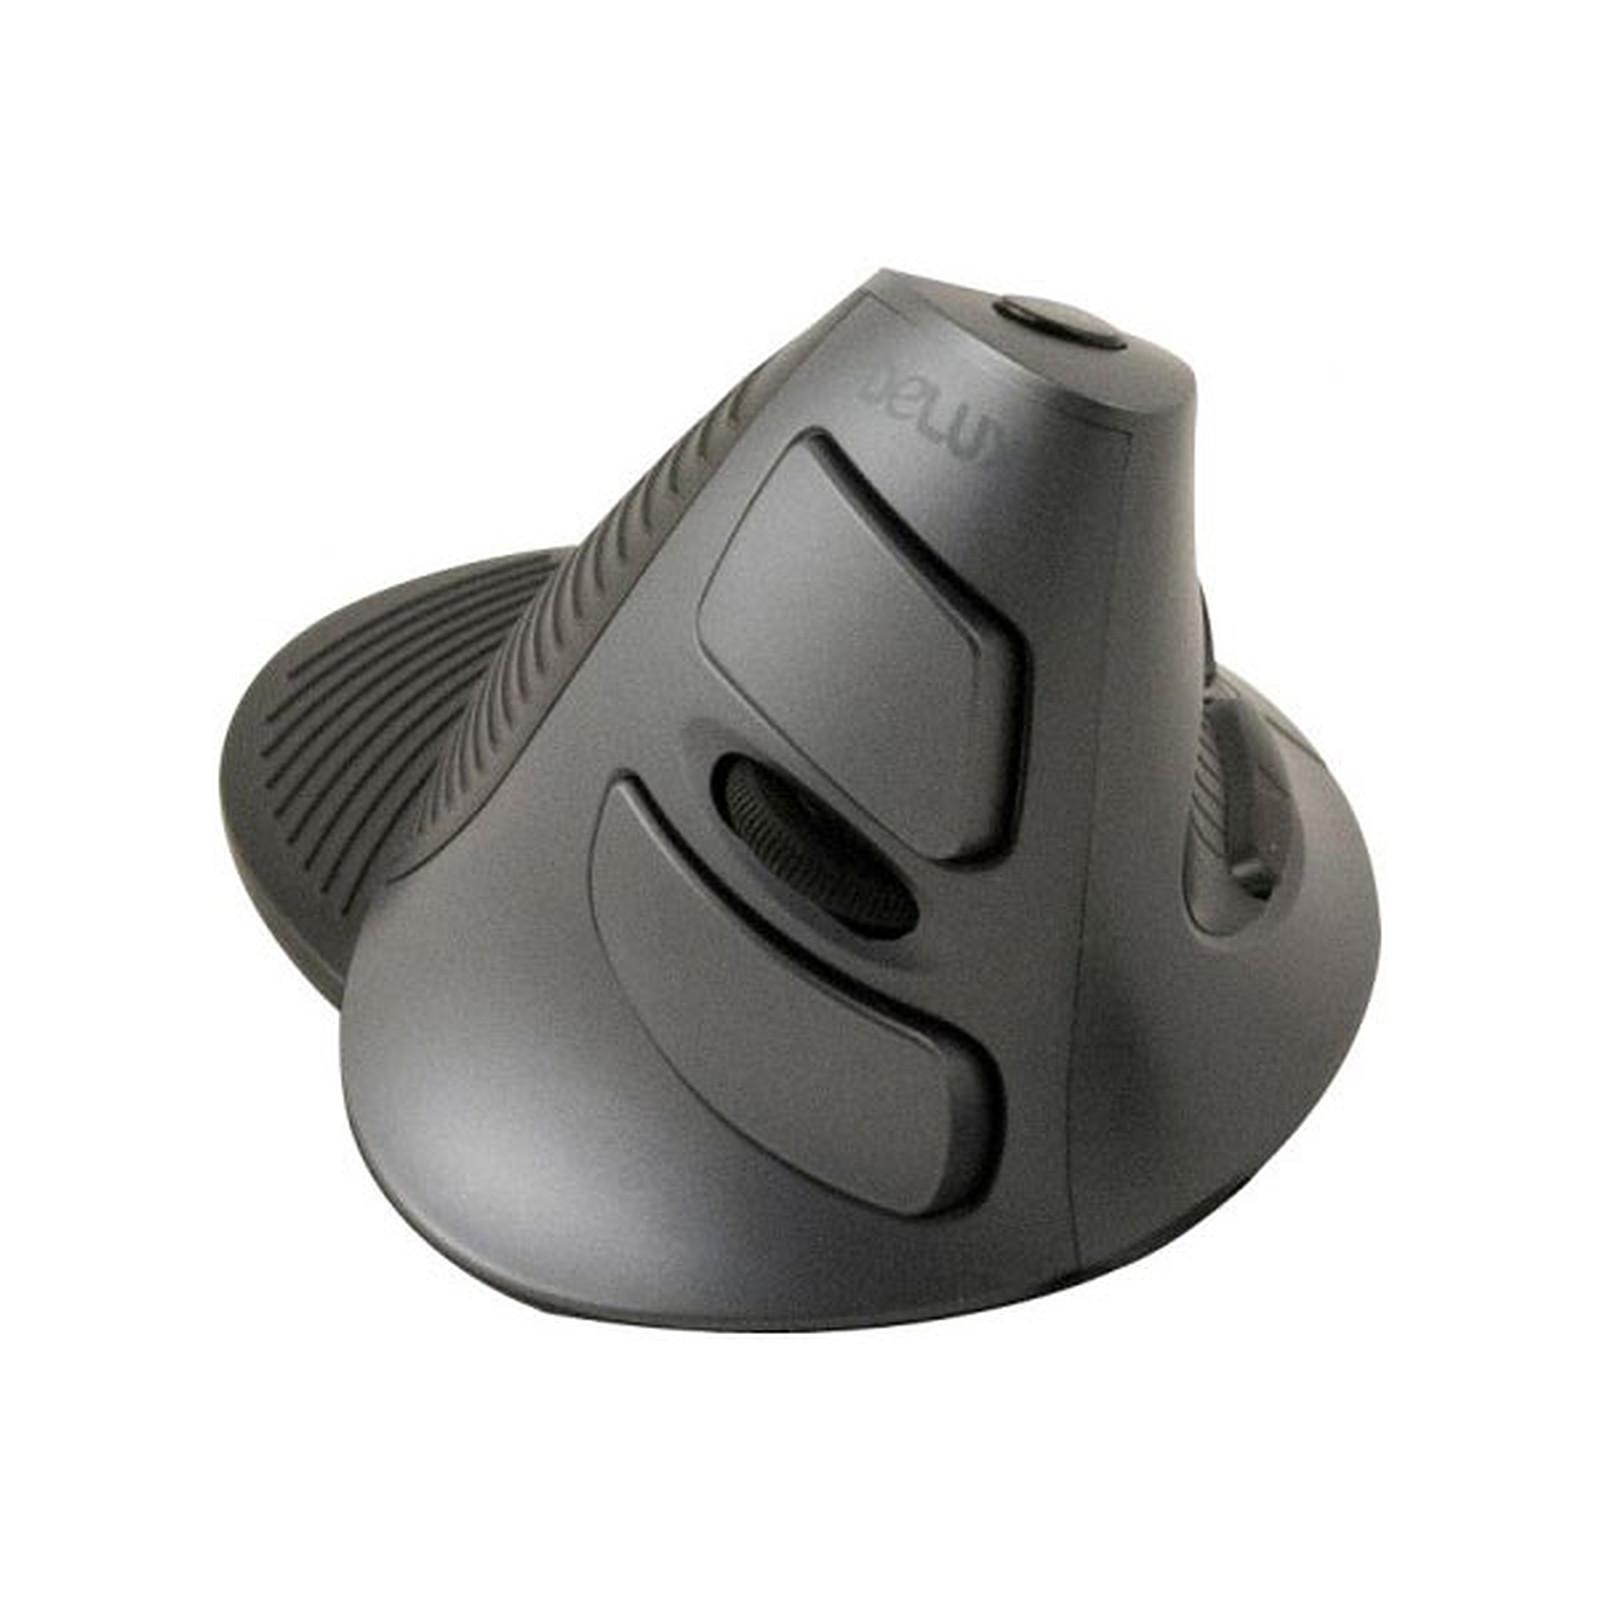 Souris ergonomique verticale sans fil (noire)